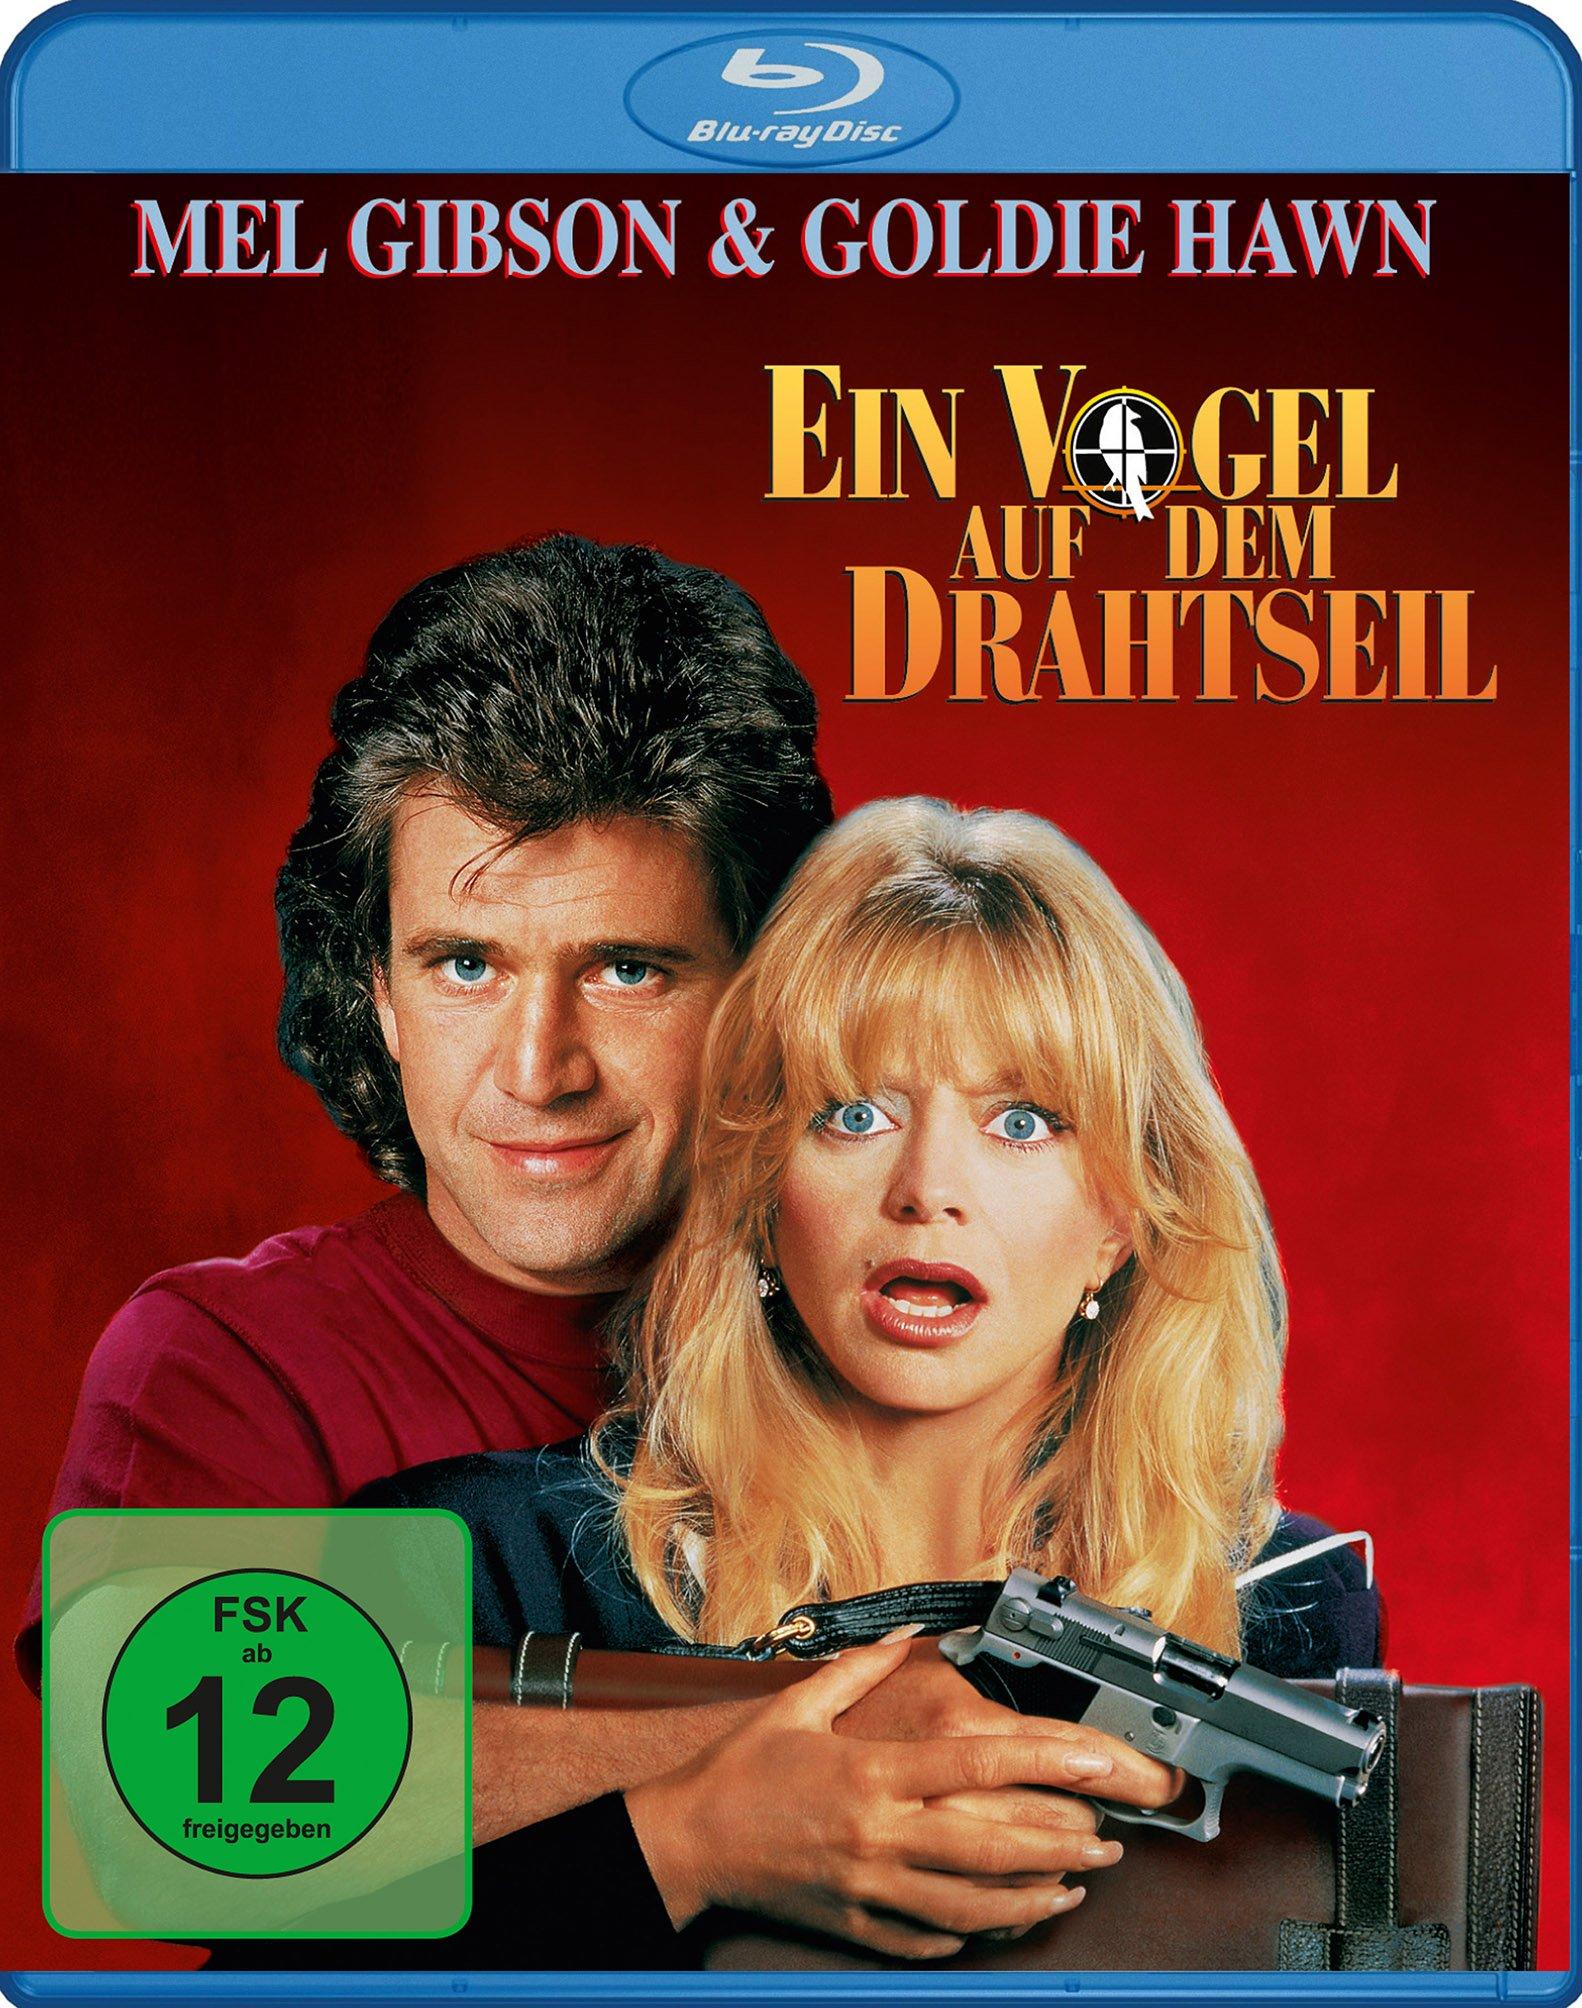 download Ein.Vogel.auf.dem.Drahtseil.1990.German.DL.1080p.BluRay.x264-iNKLUSiON